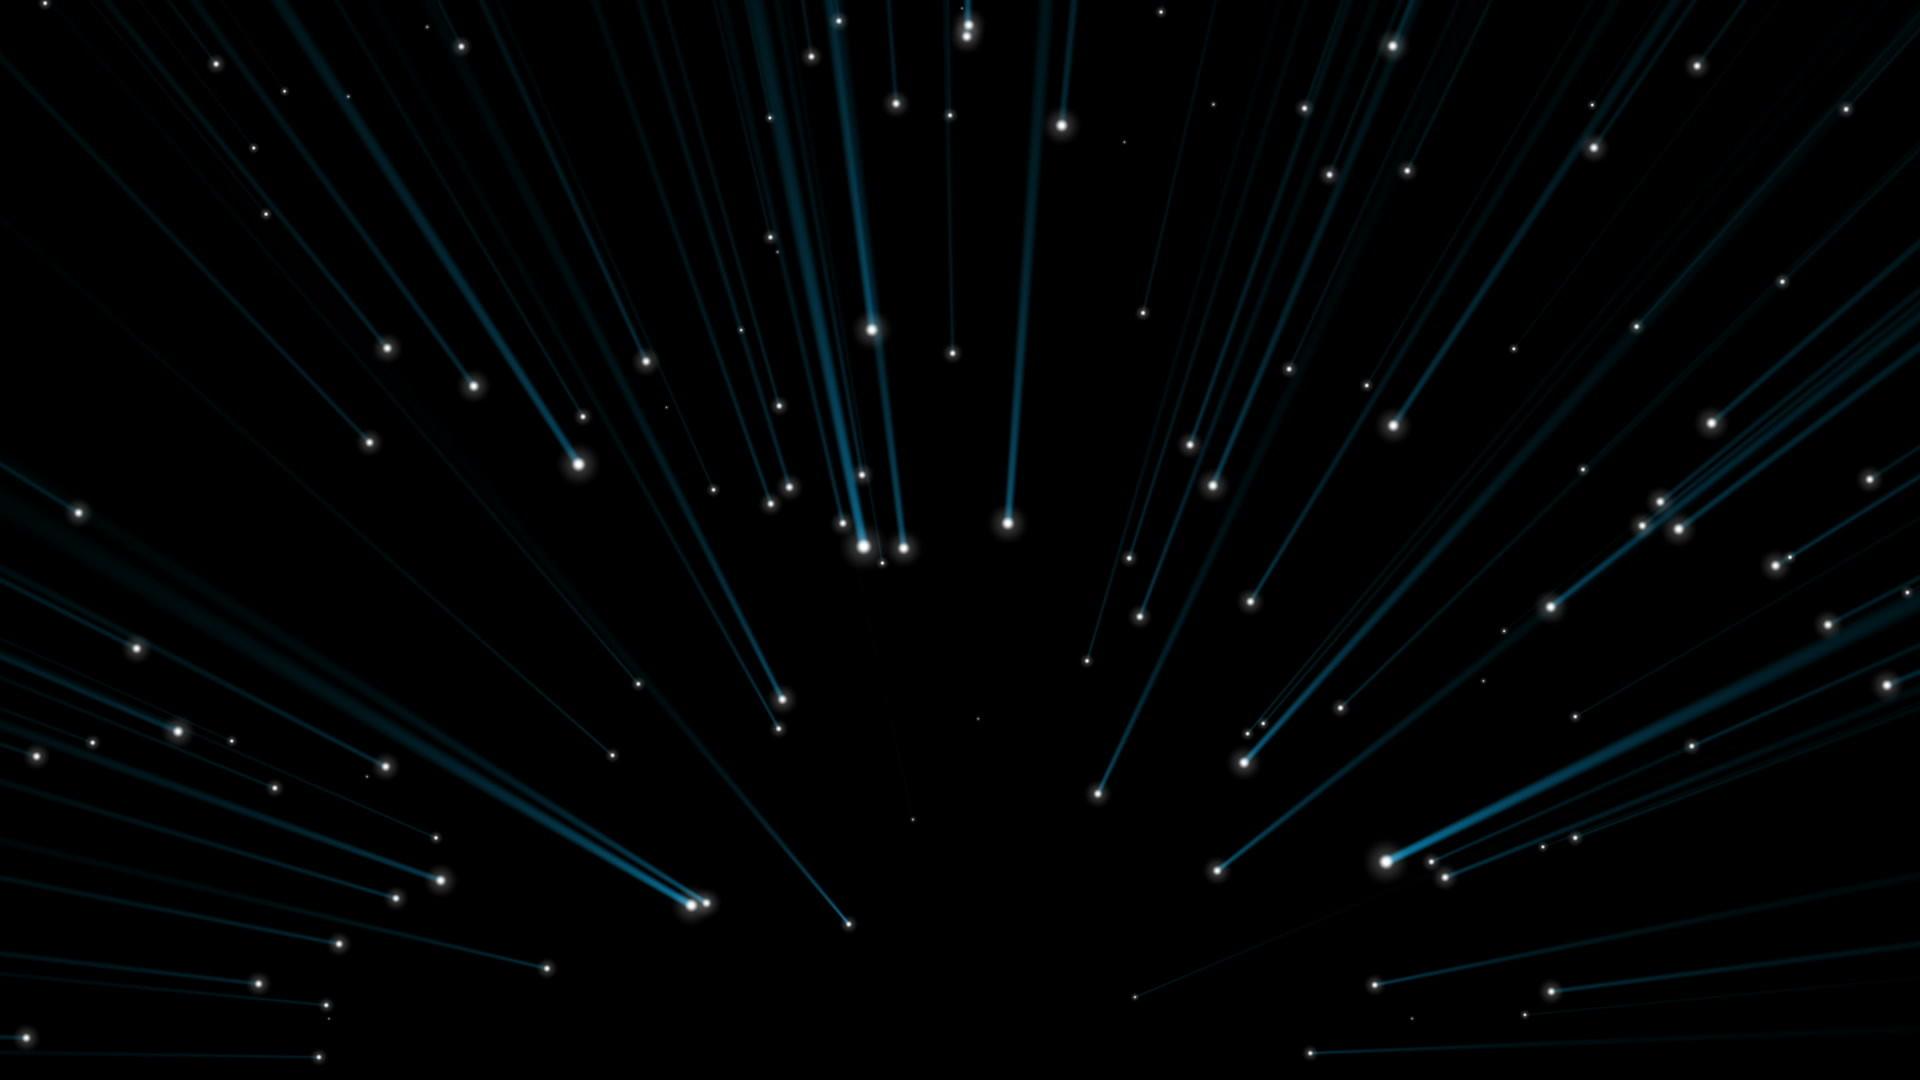 Stage-Lighting-Vj-Loop-LIMEART_007 VJ Loops Farm – Video Loops &